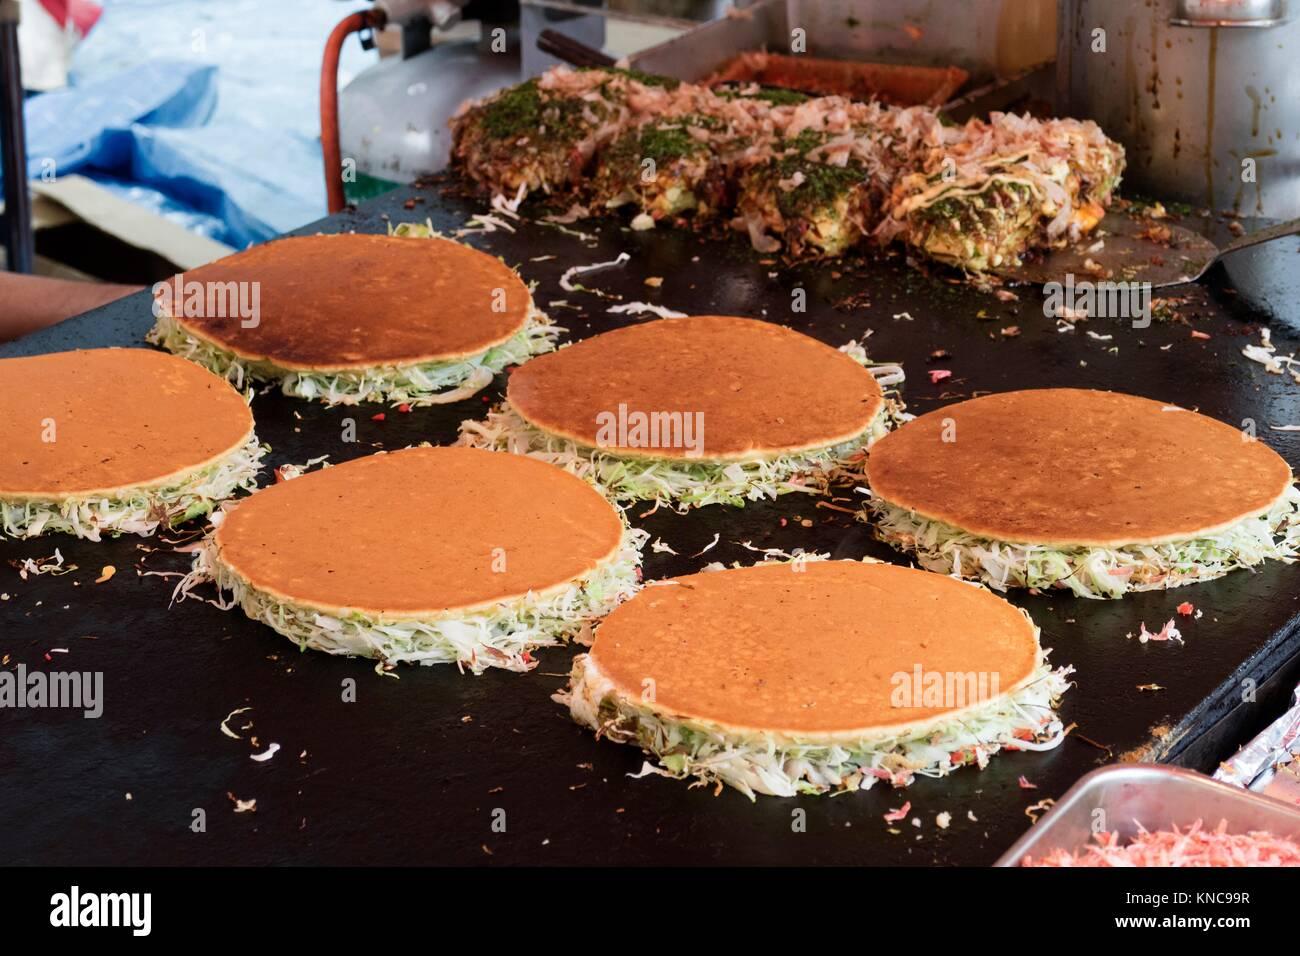 Tokyo, Japan - May 14, 2017: Baking pancakes at a grill, Okonomiyaki, at the Kanda Matsuri Festival. Stock Photo